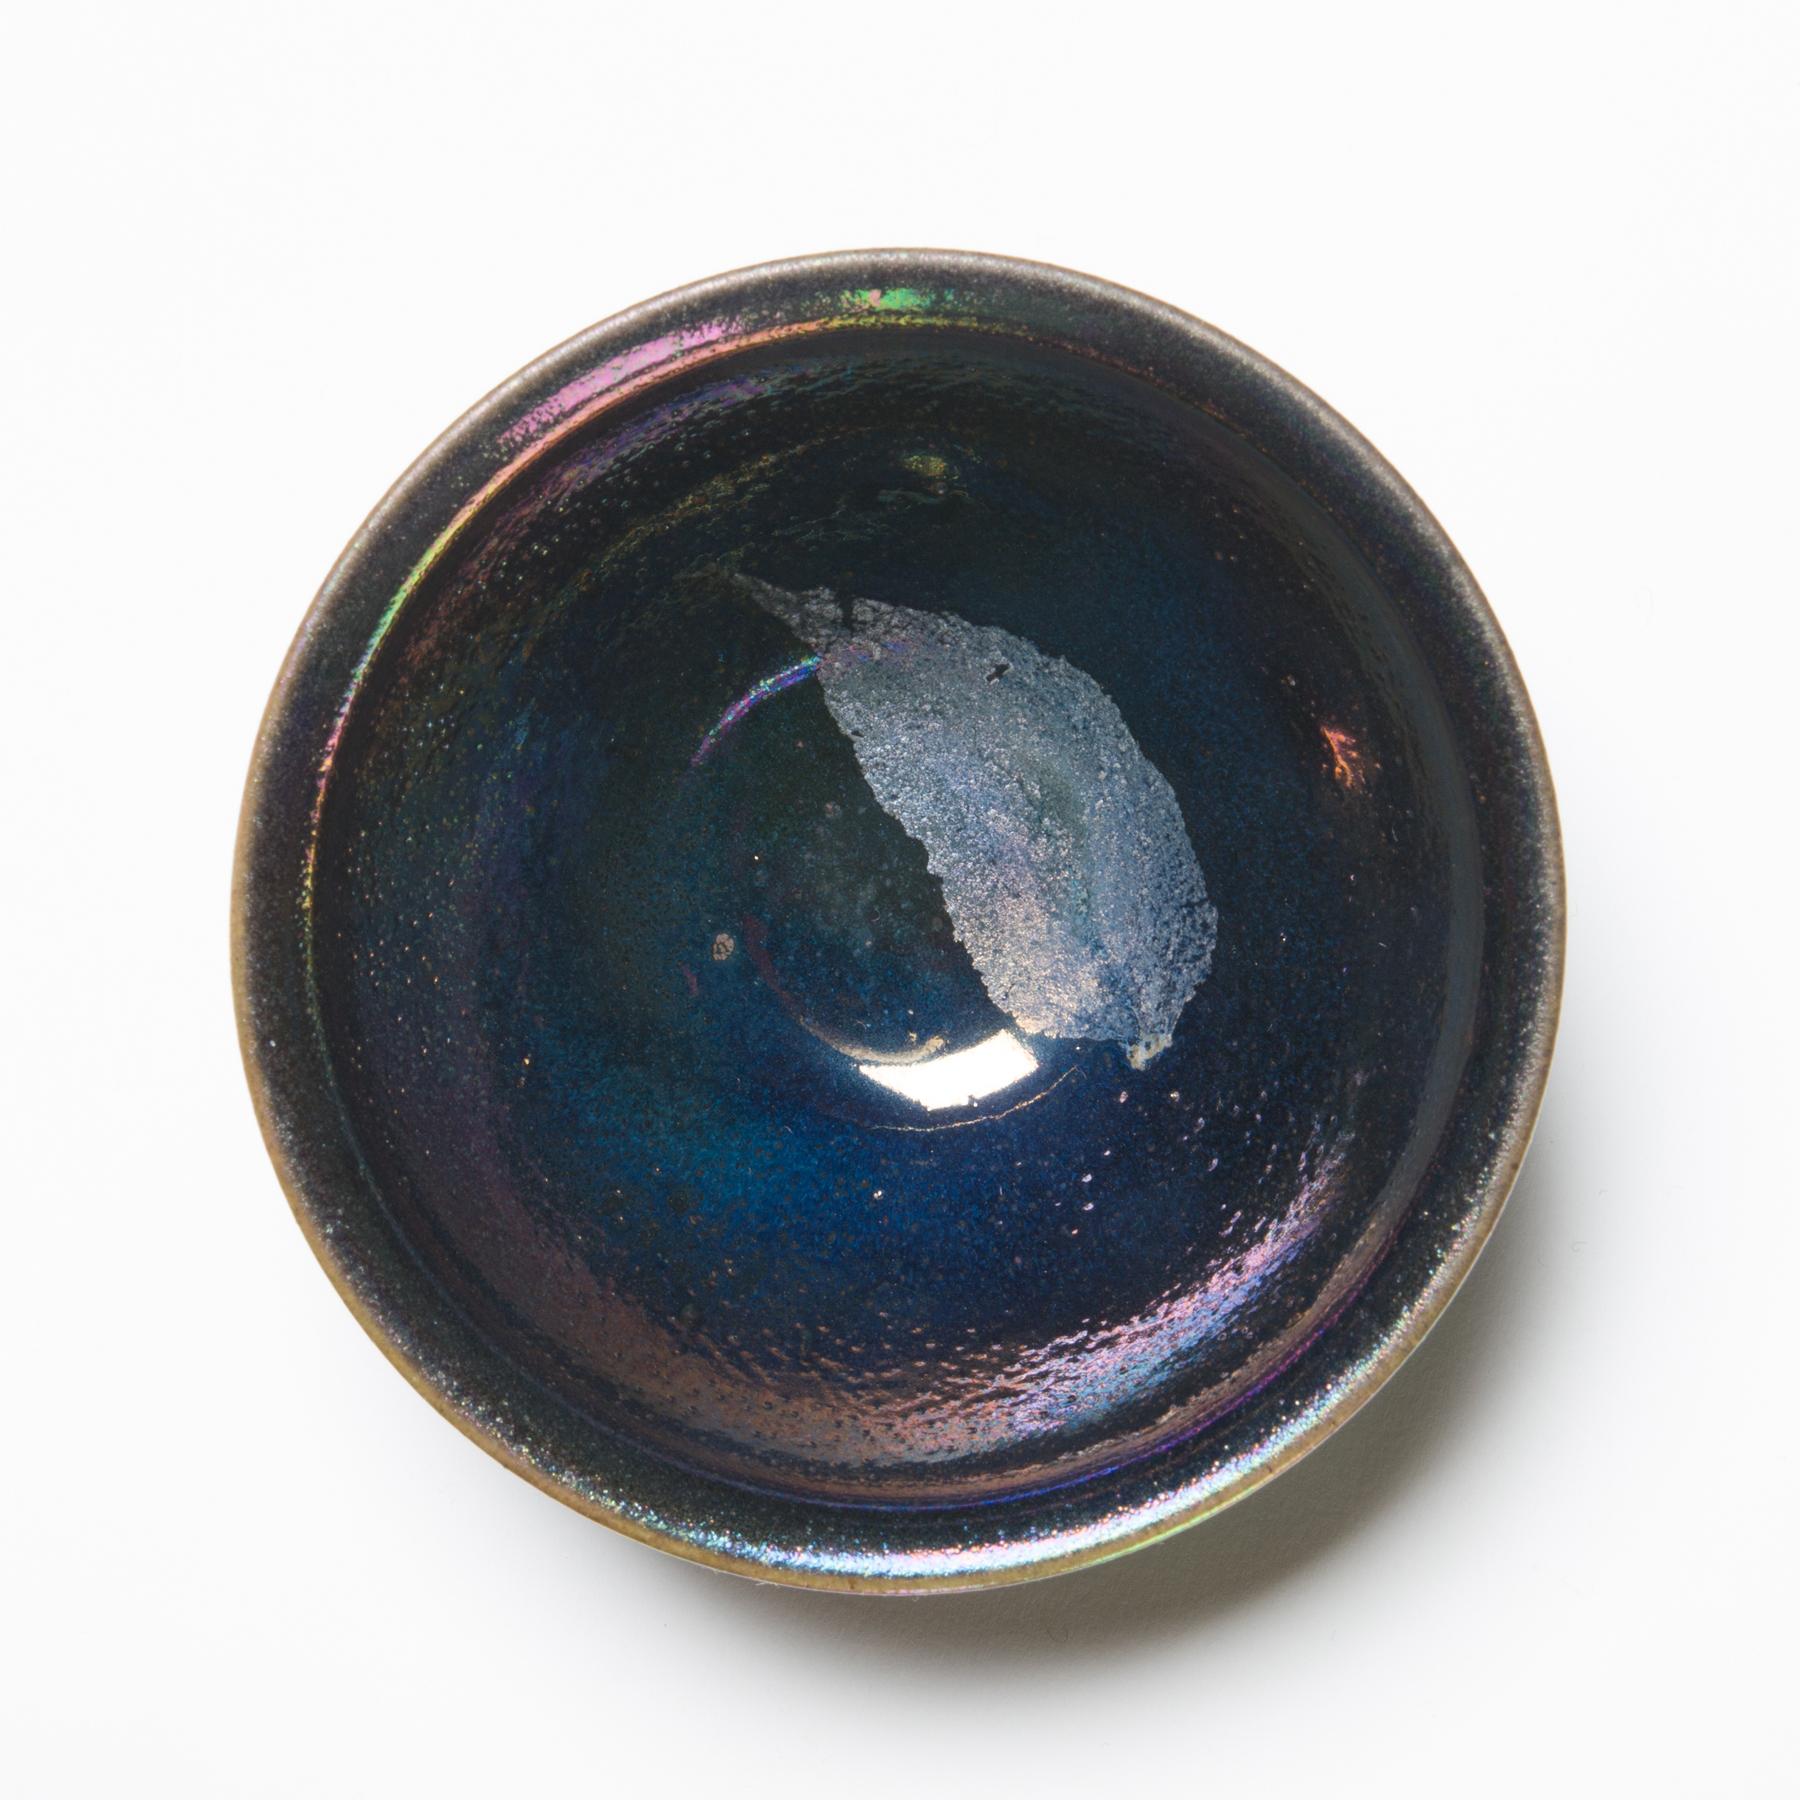 木の葉天目茶碗<虹の器>画像